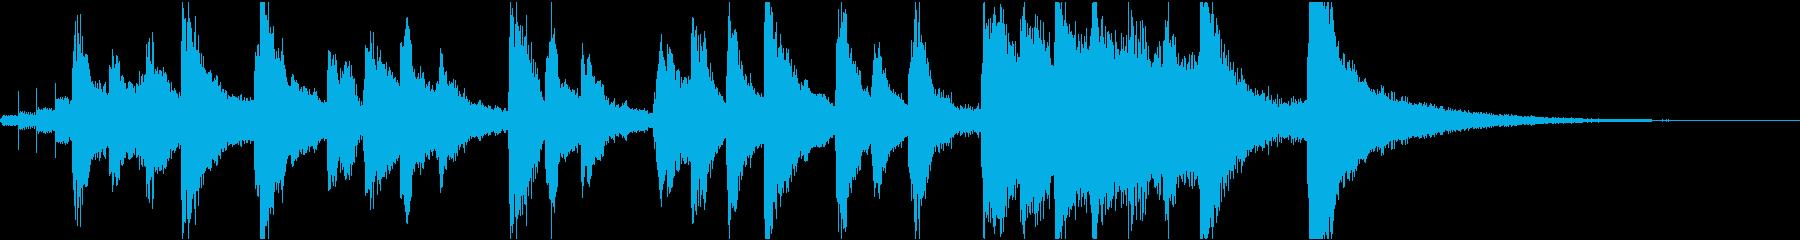 ピチカートのかわいいアニメのアイキャッチの再生済みの波形